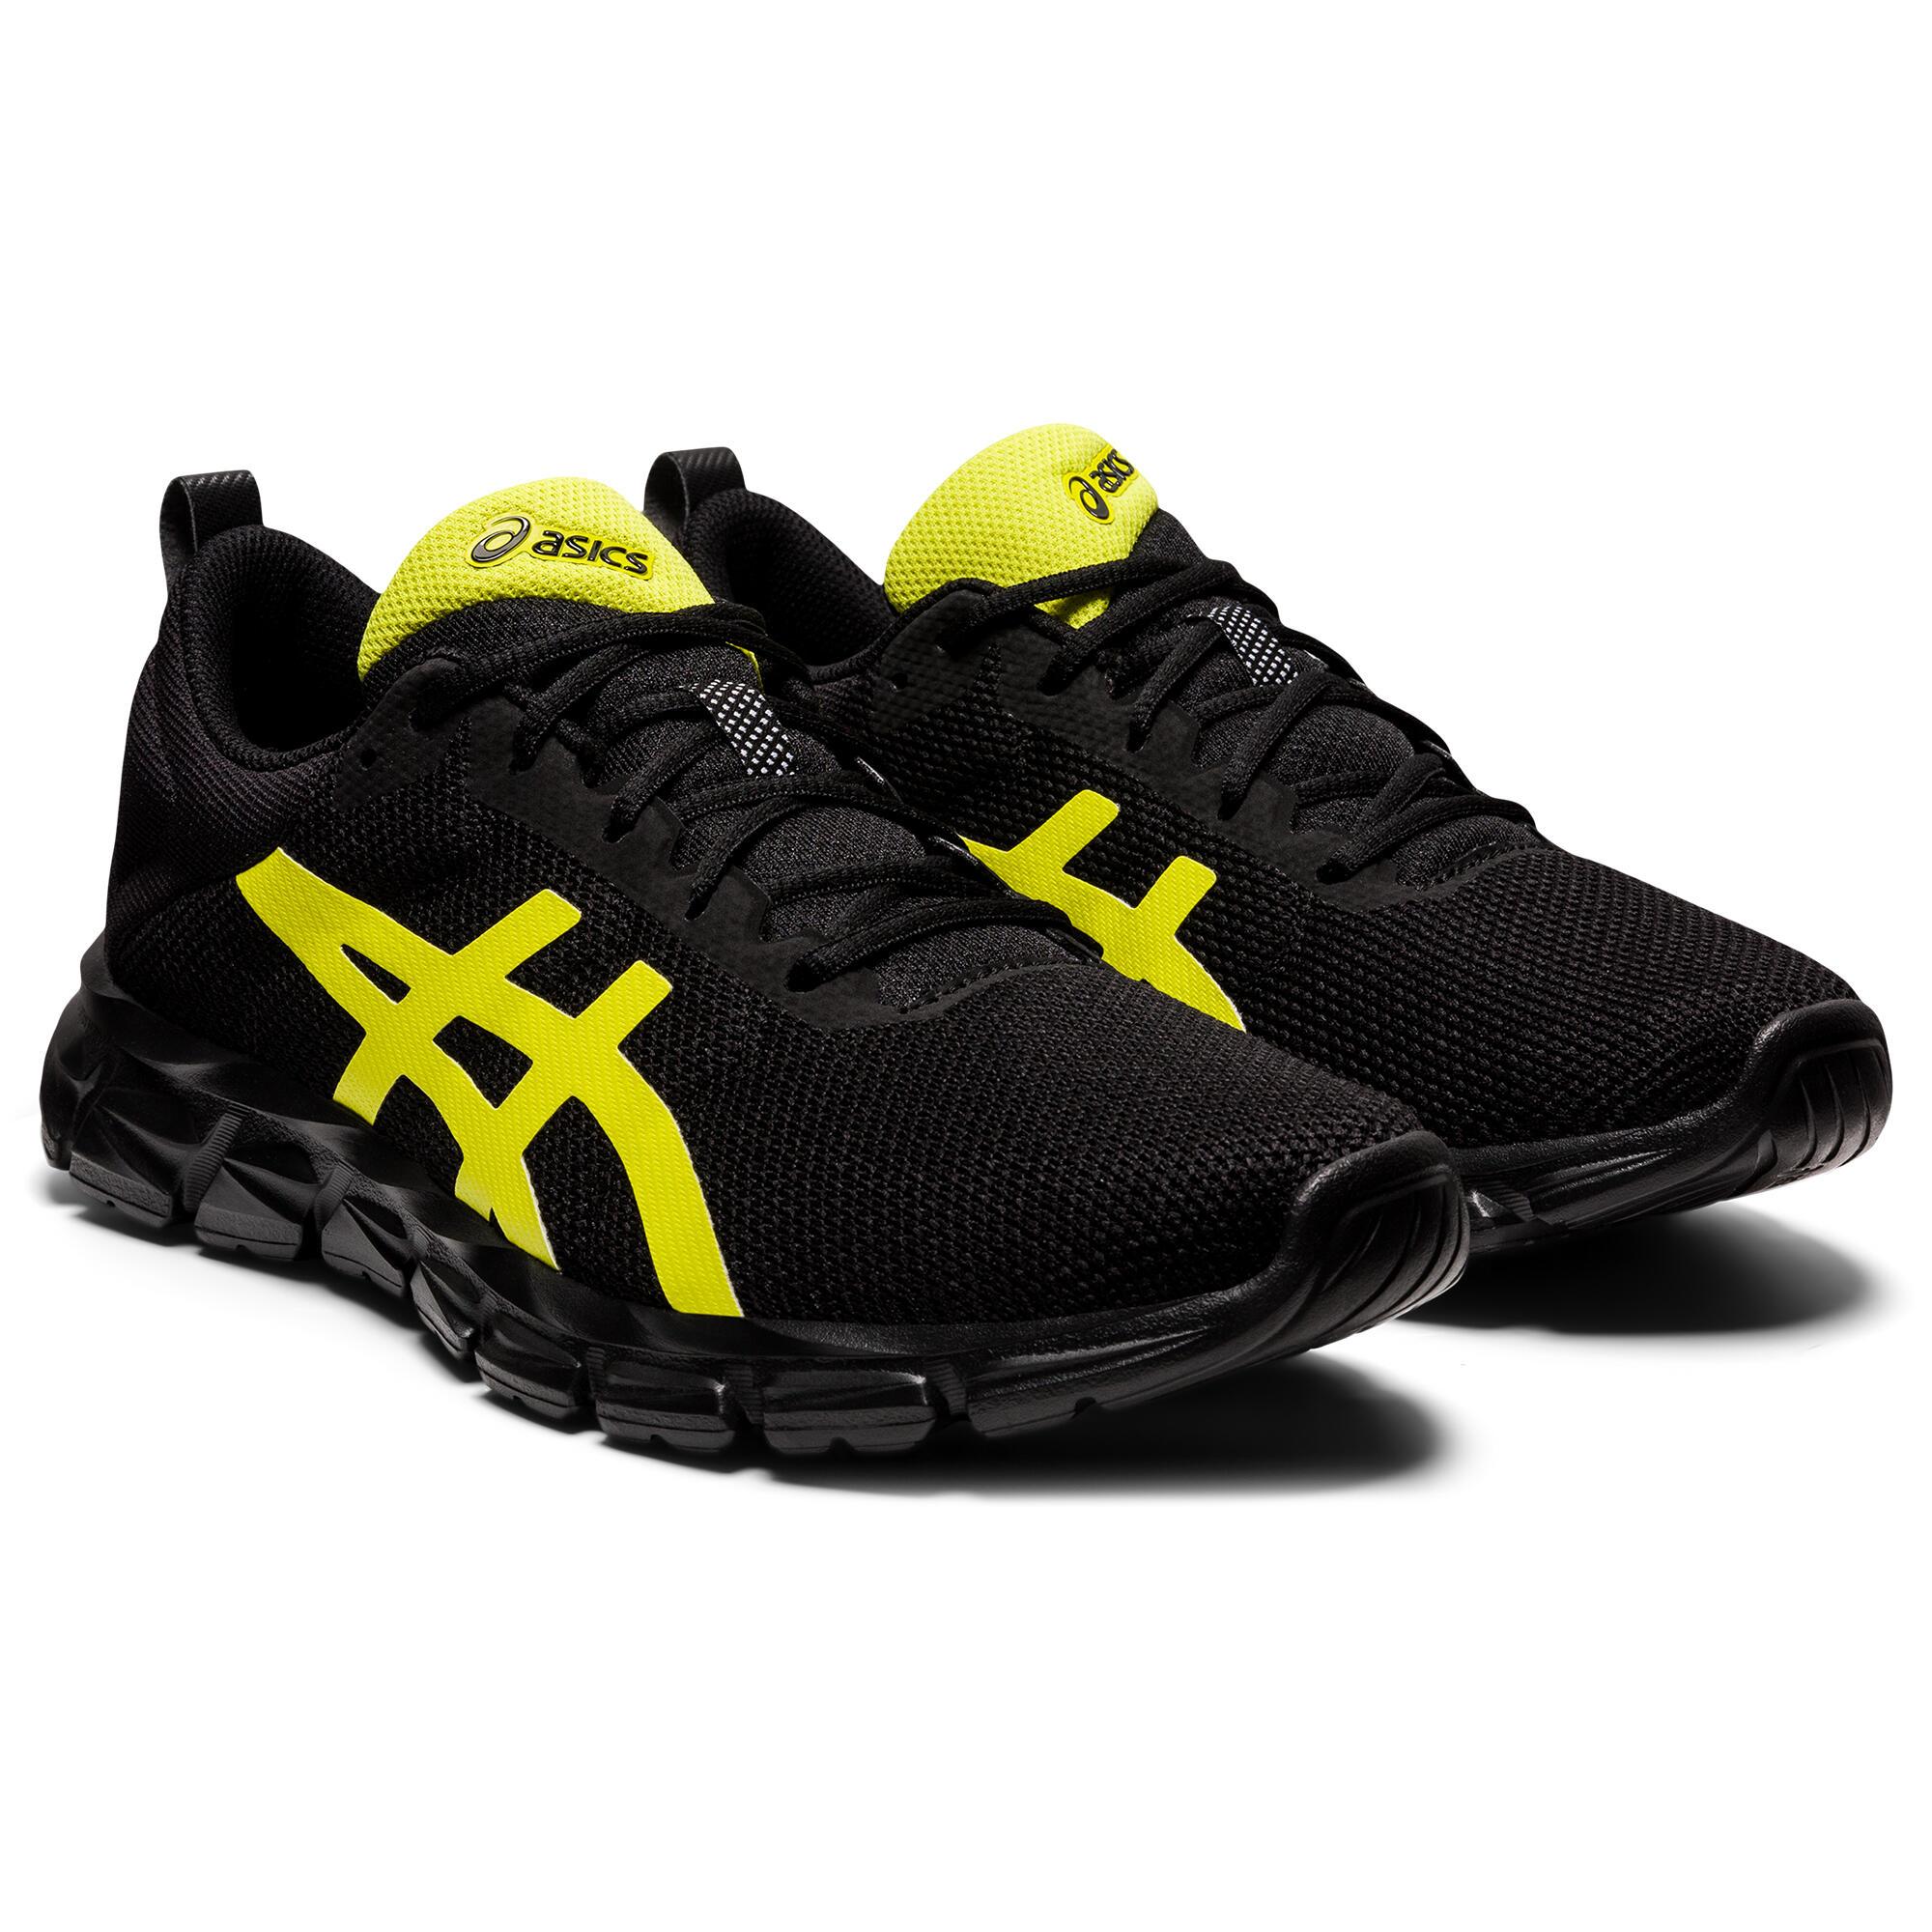 Chaussures marche sportive homme Asics Quantum Lyte noir jaune